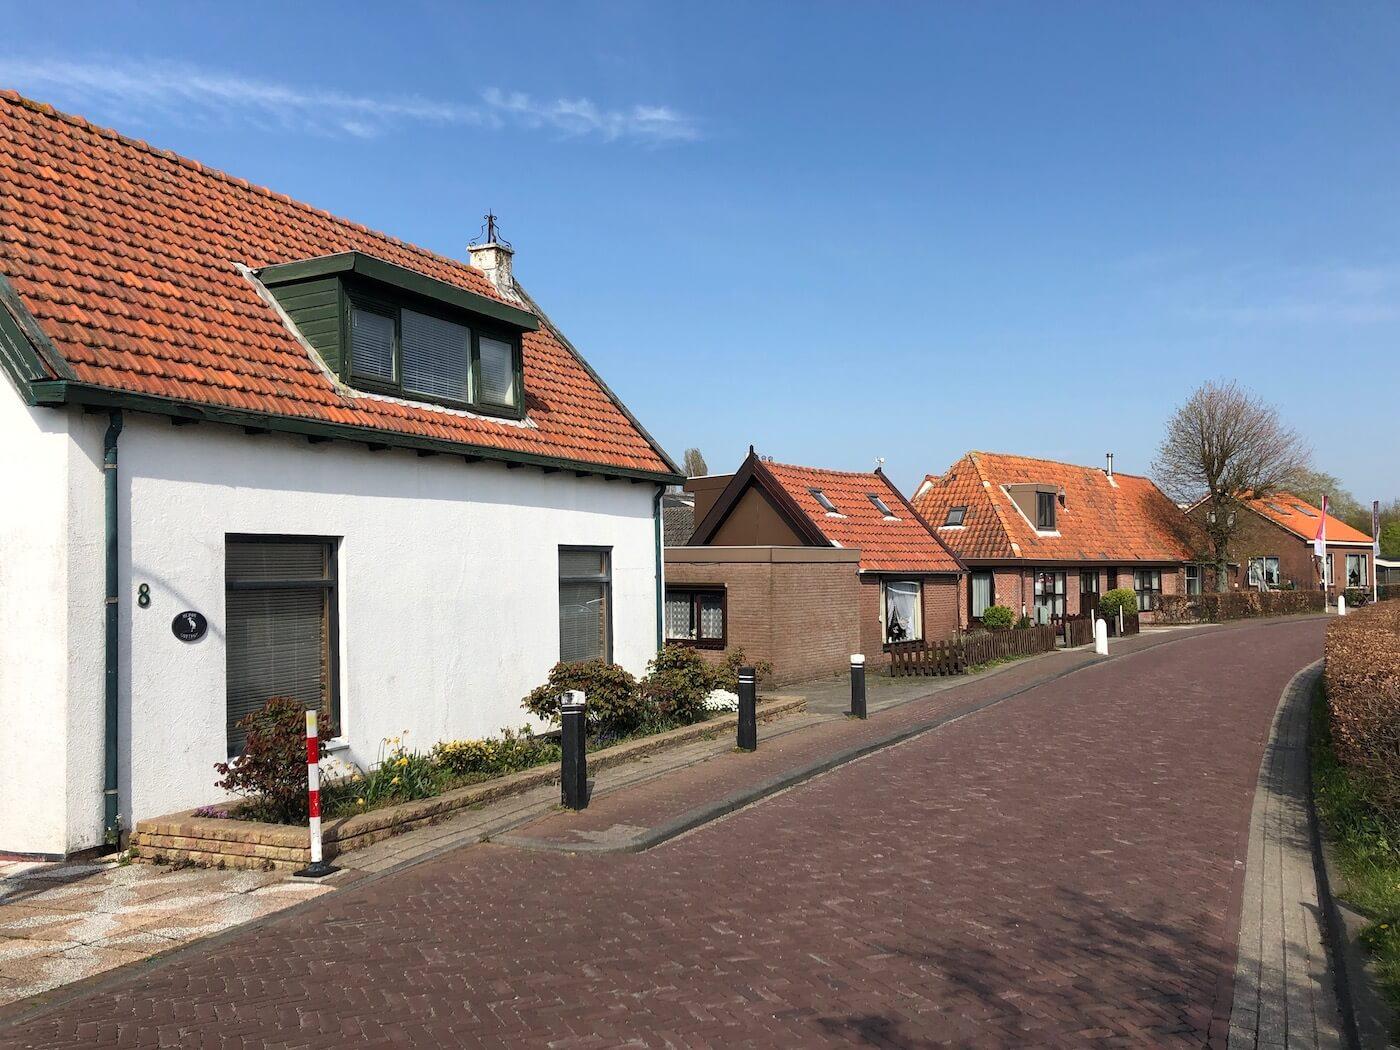 Wonen in de Veerpolder Waarder en Veerpolder in Haarlem oost